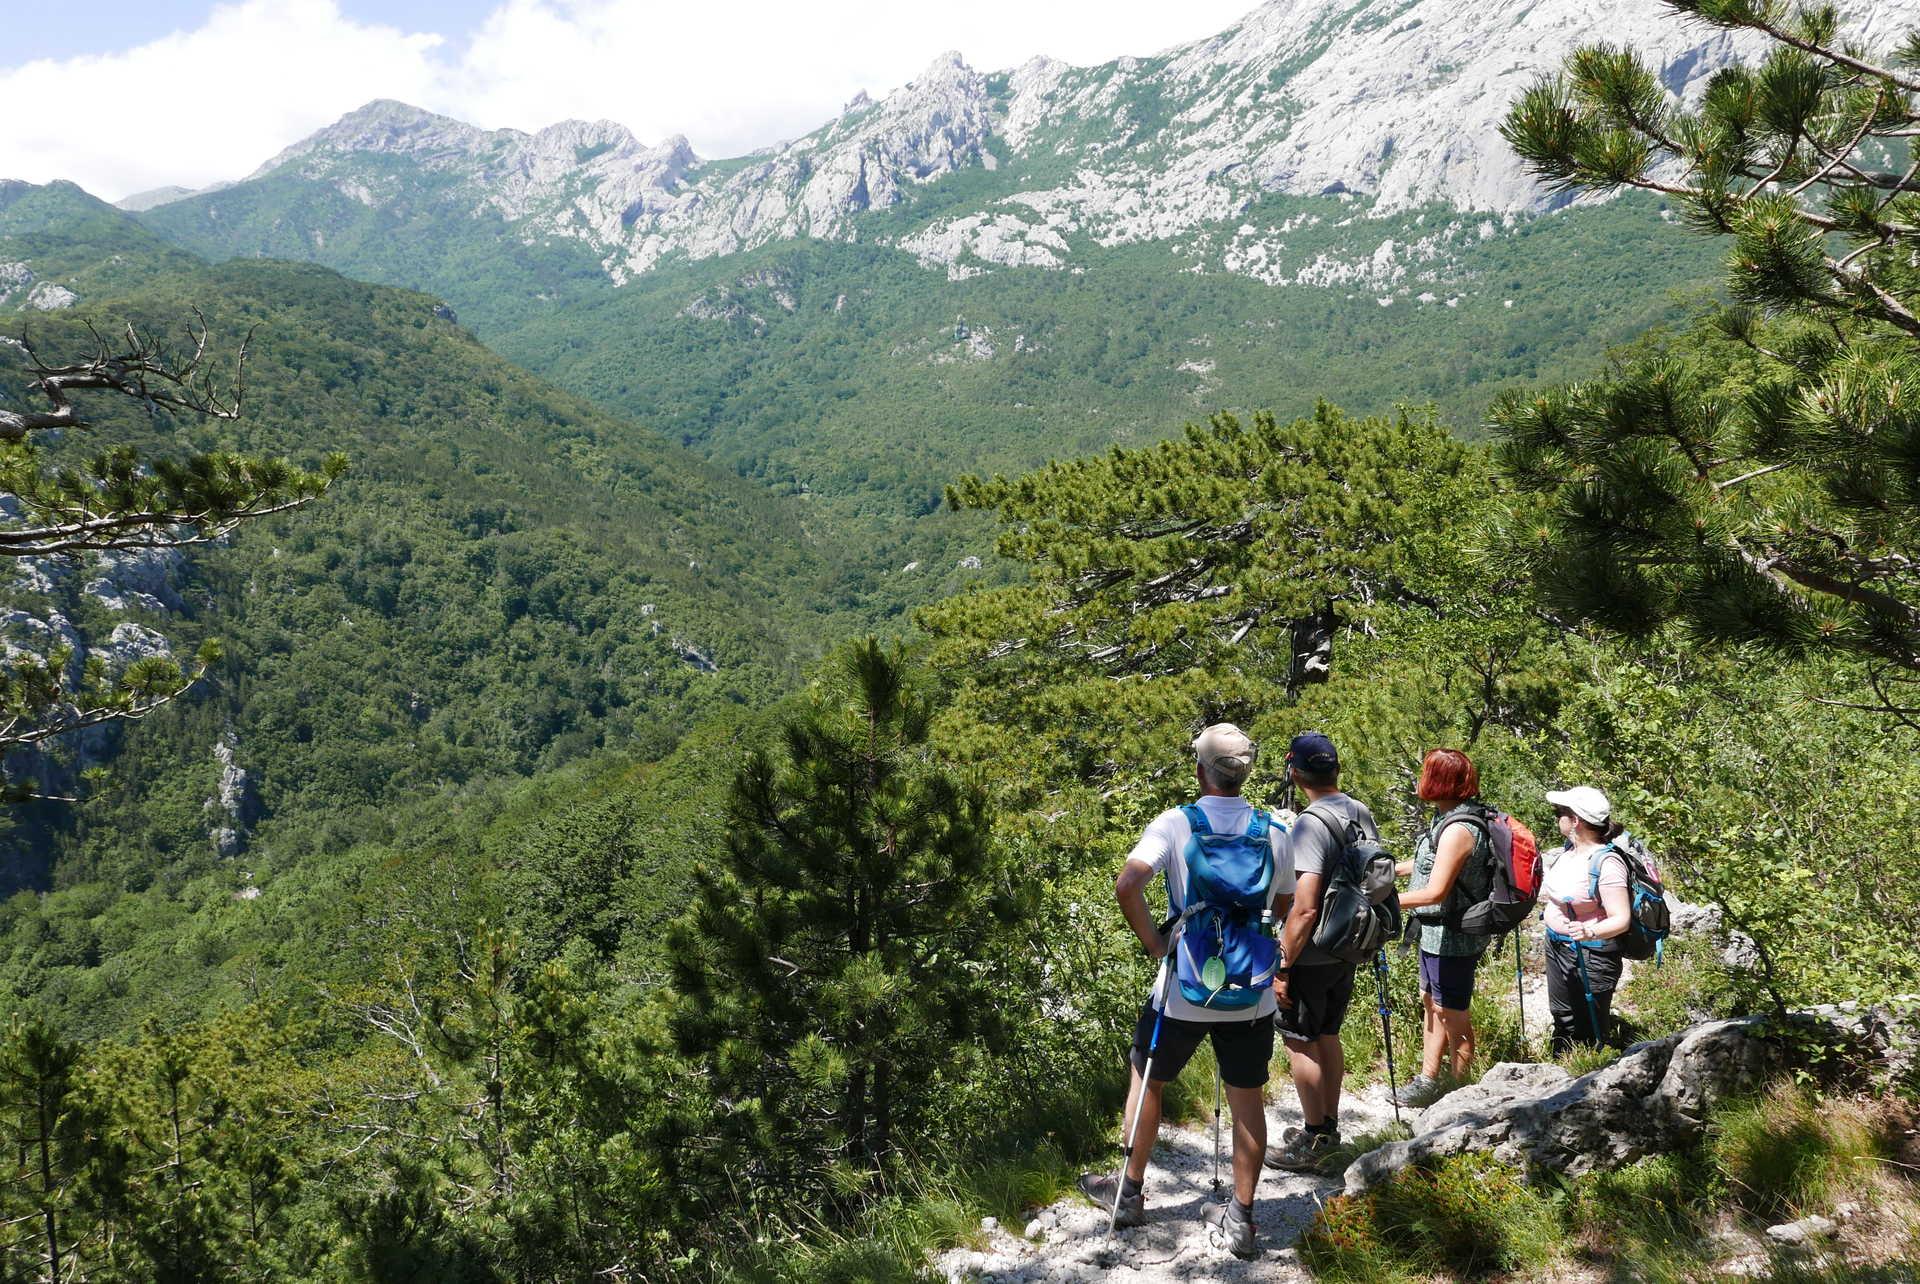 Randonneurs dans le parc national de Plitvice en Croatie